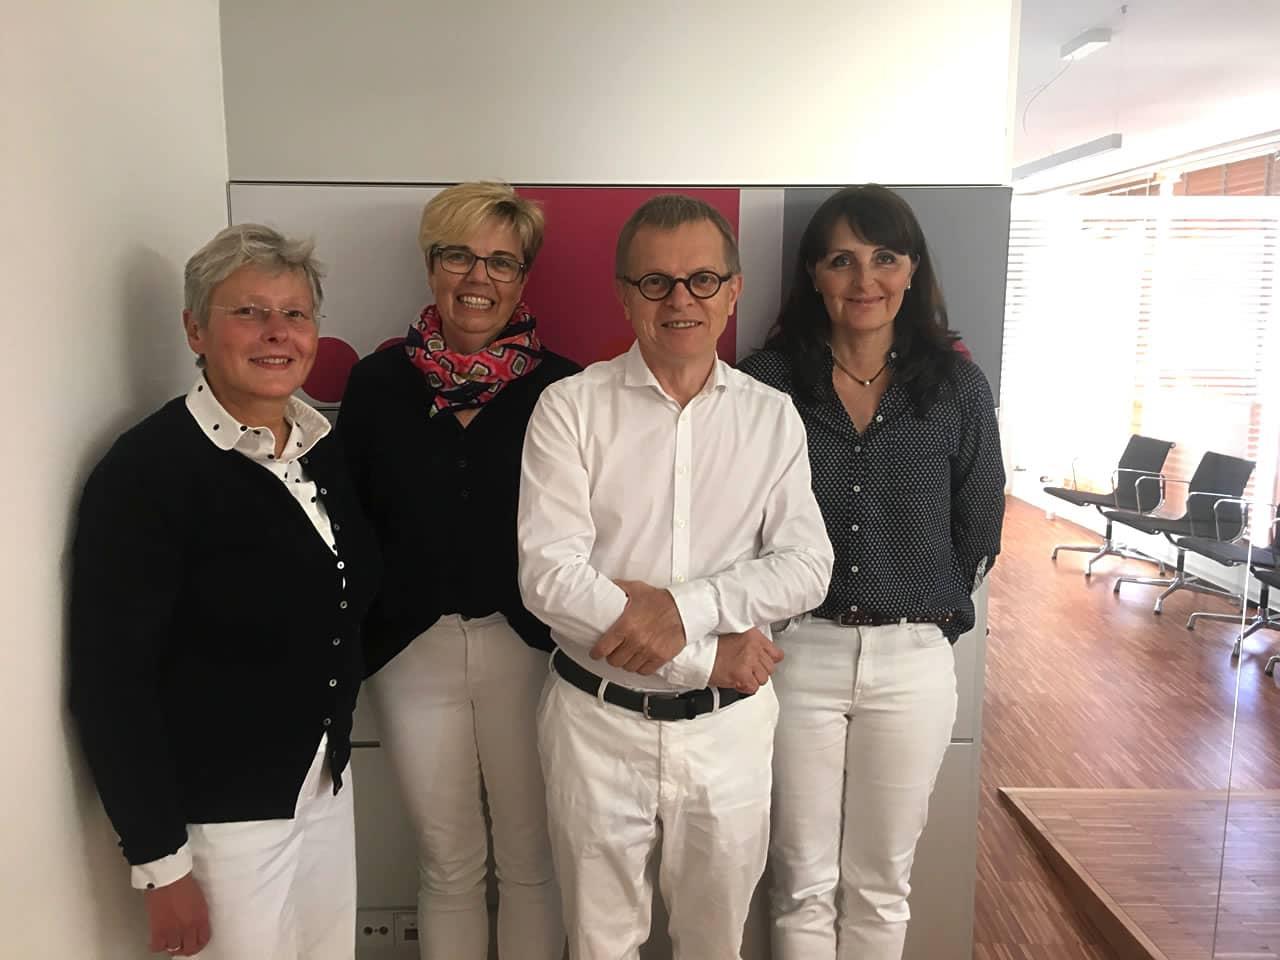 Team der Privatpraxis für Augenheilkunde Augenarzt Dr. P. Enke